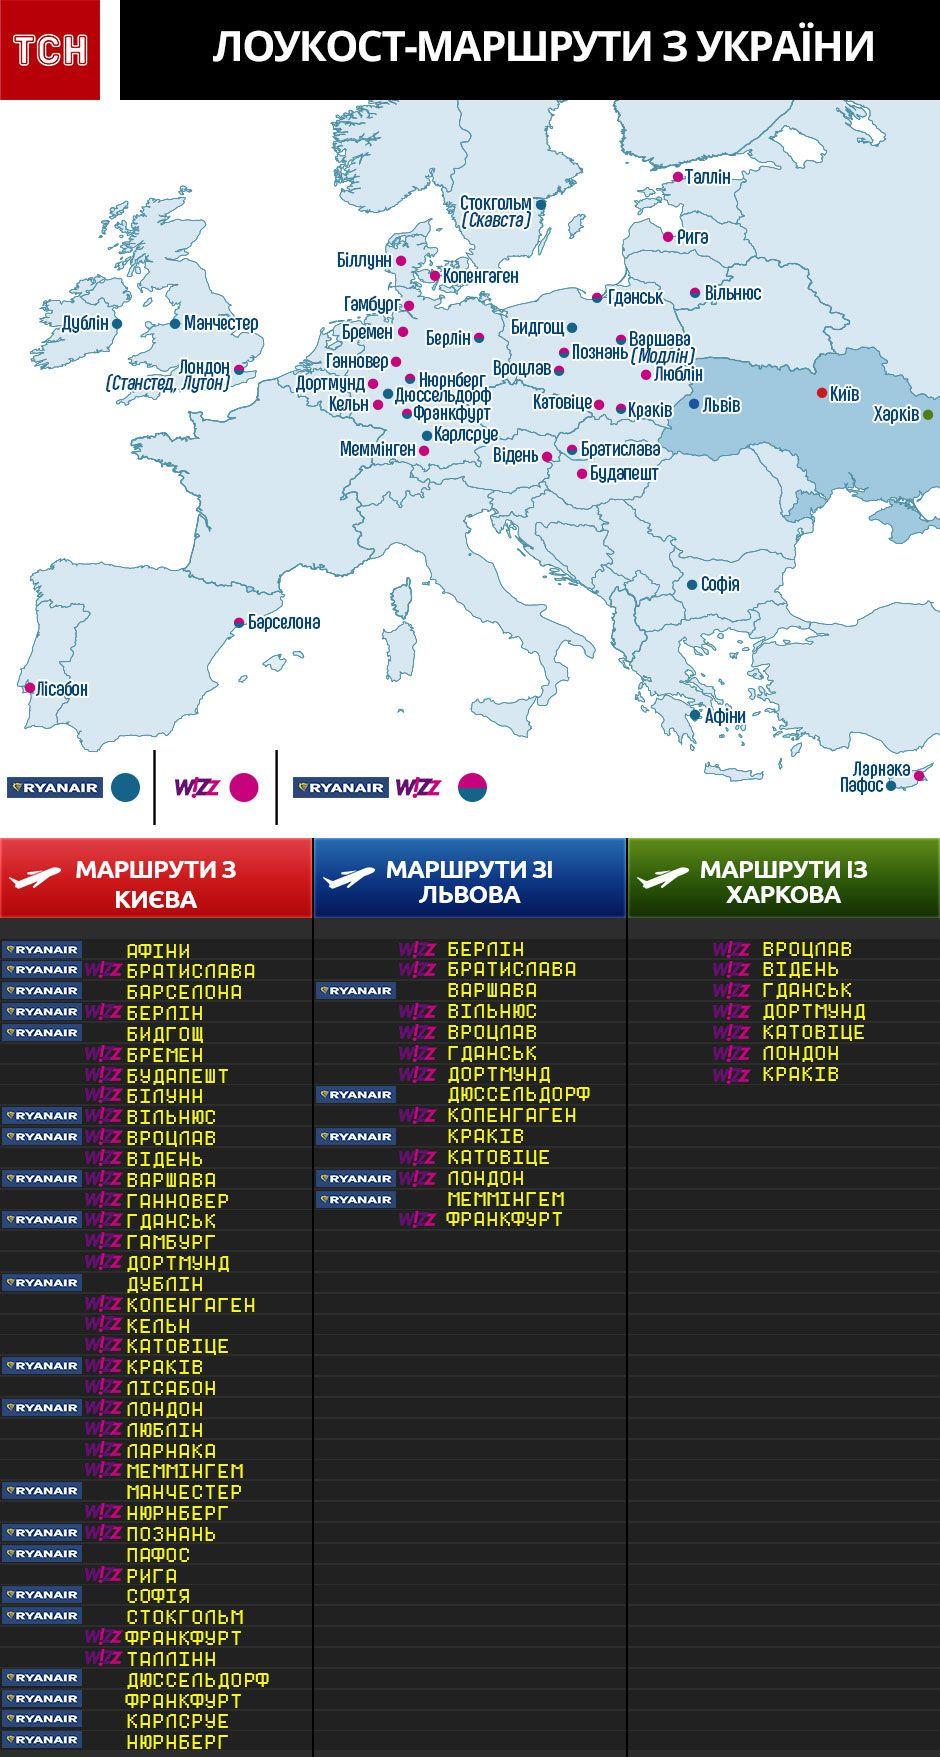 Лоукост маршрути з України , інфографіка